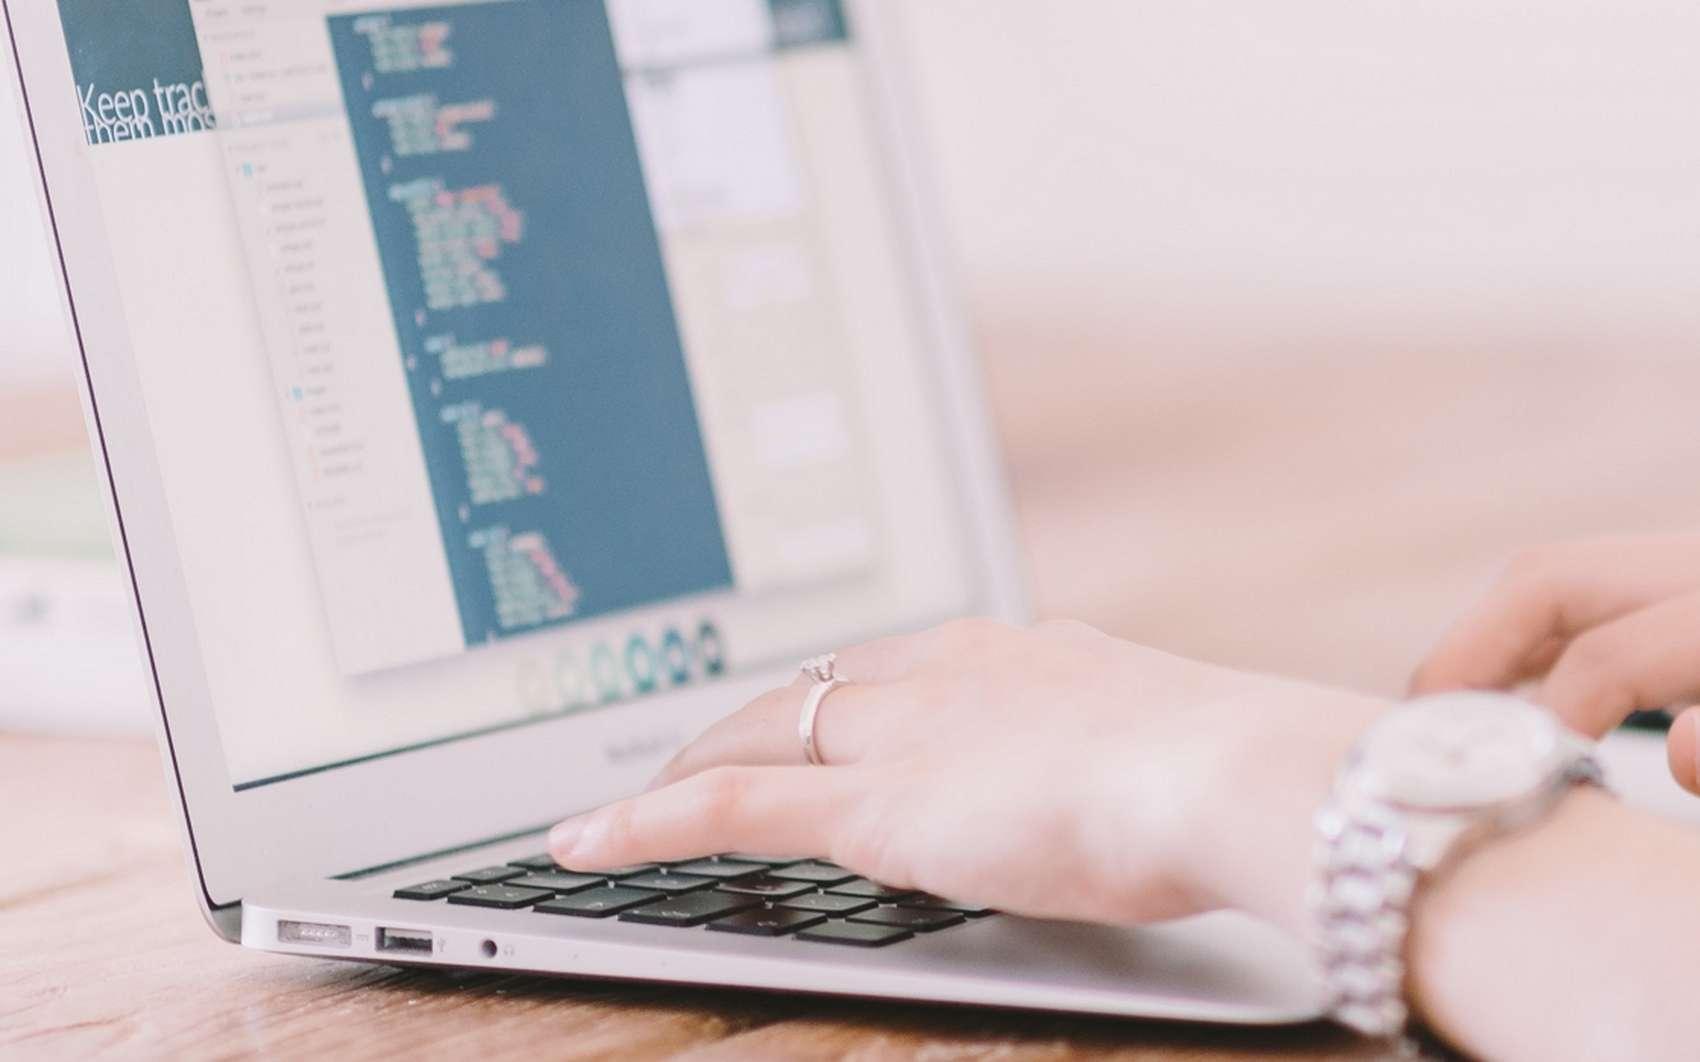 Windows intègre une fonctionnalité de capture d'écran, mais elle est extrêmement limitée. De petits programmes indépendants décuplent les possibilités sans ralentir le système. © Pxhere.com